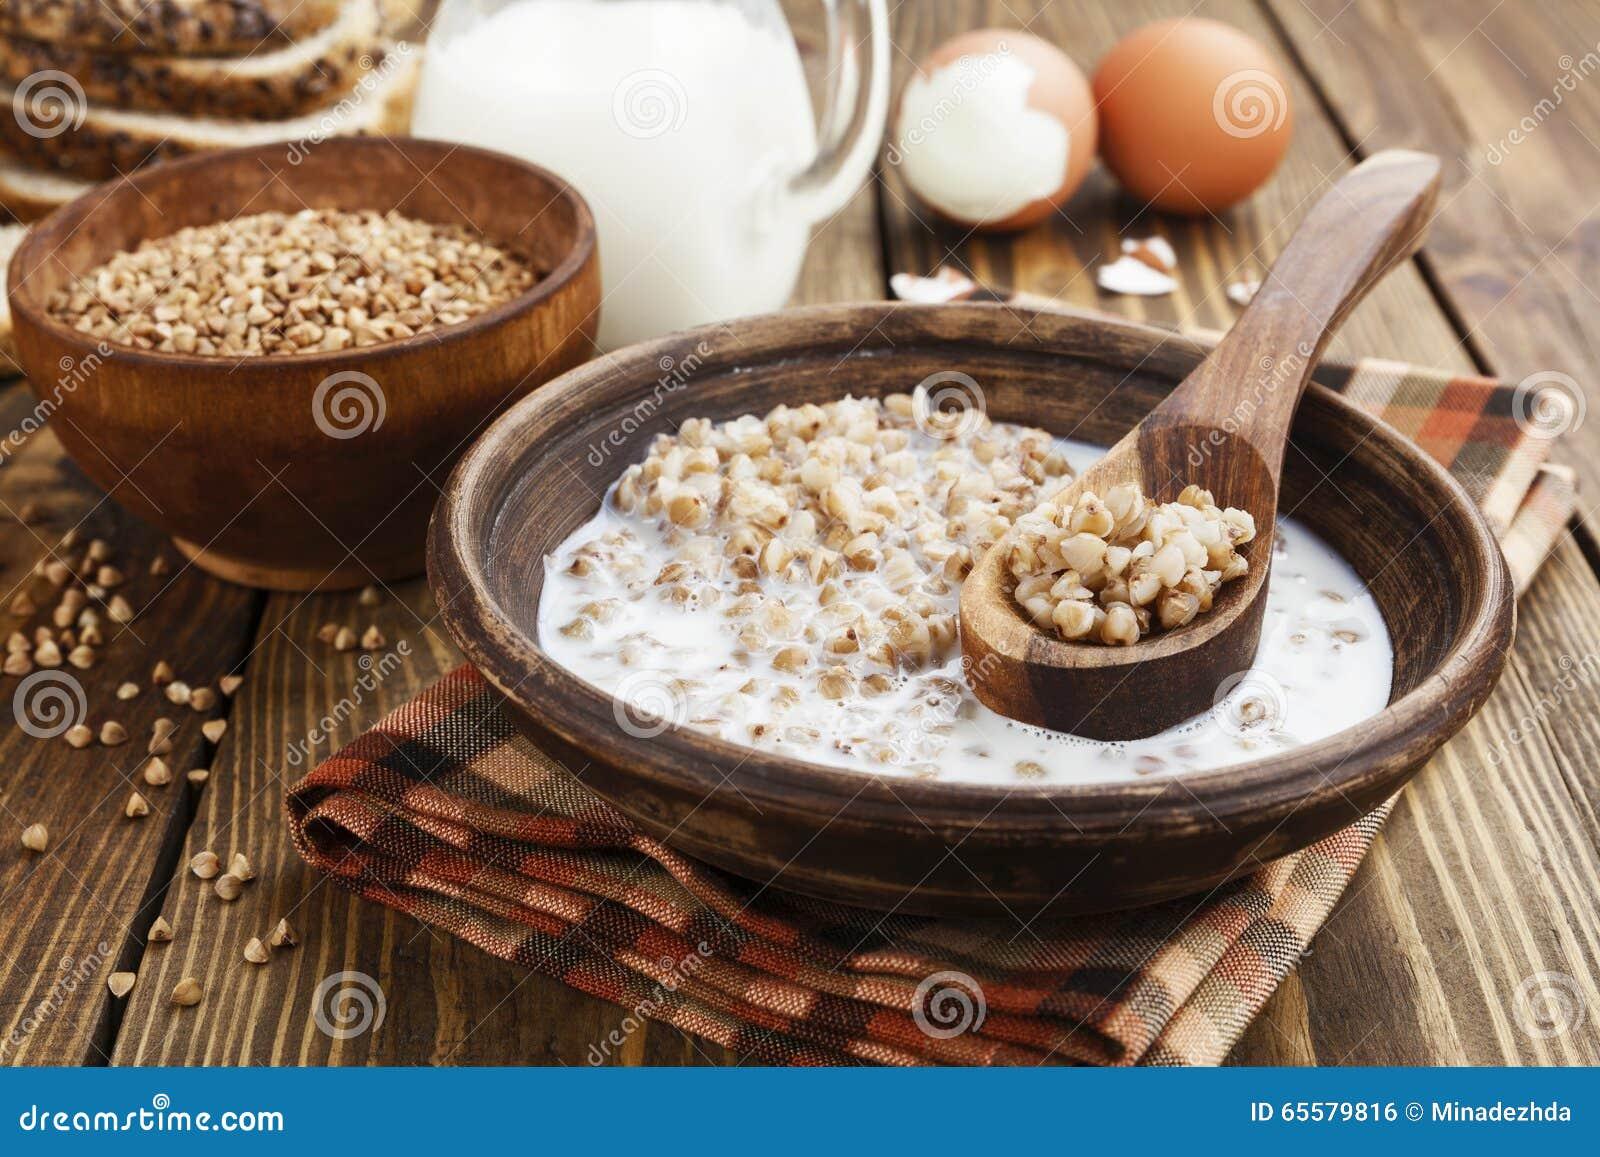 Papa de aveia do trigo mourisco com leite